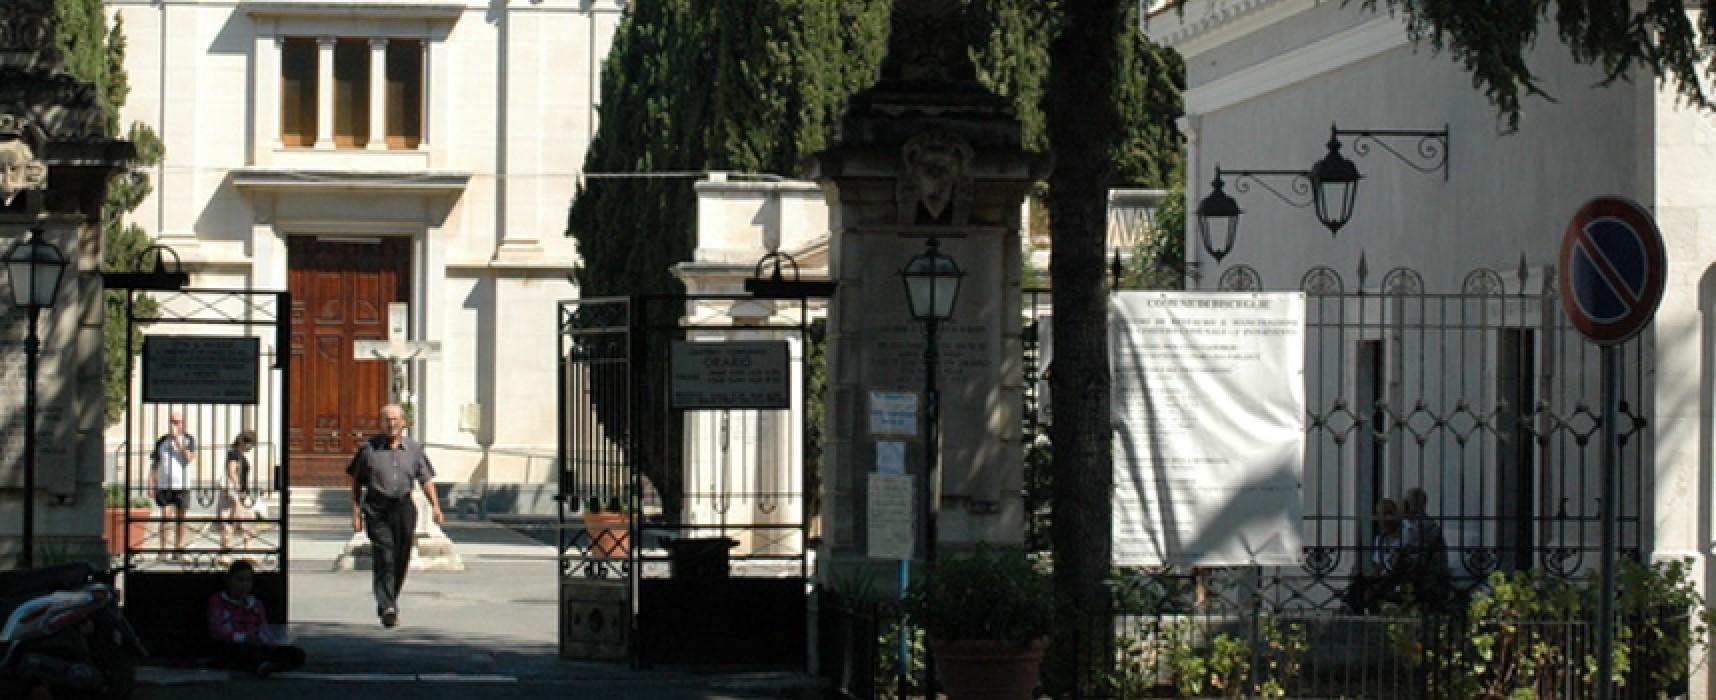 Cimitero, il Comune avvia le procedure per liberare i loculi con concessione scaduta